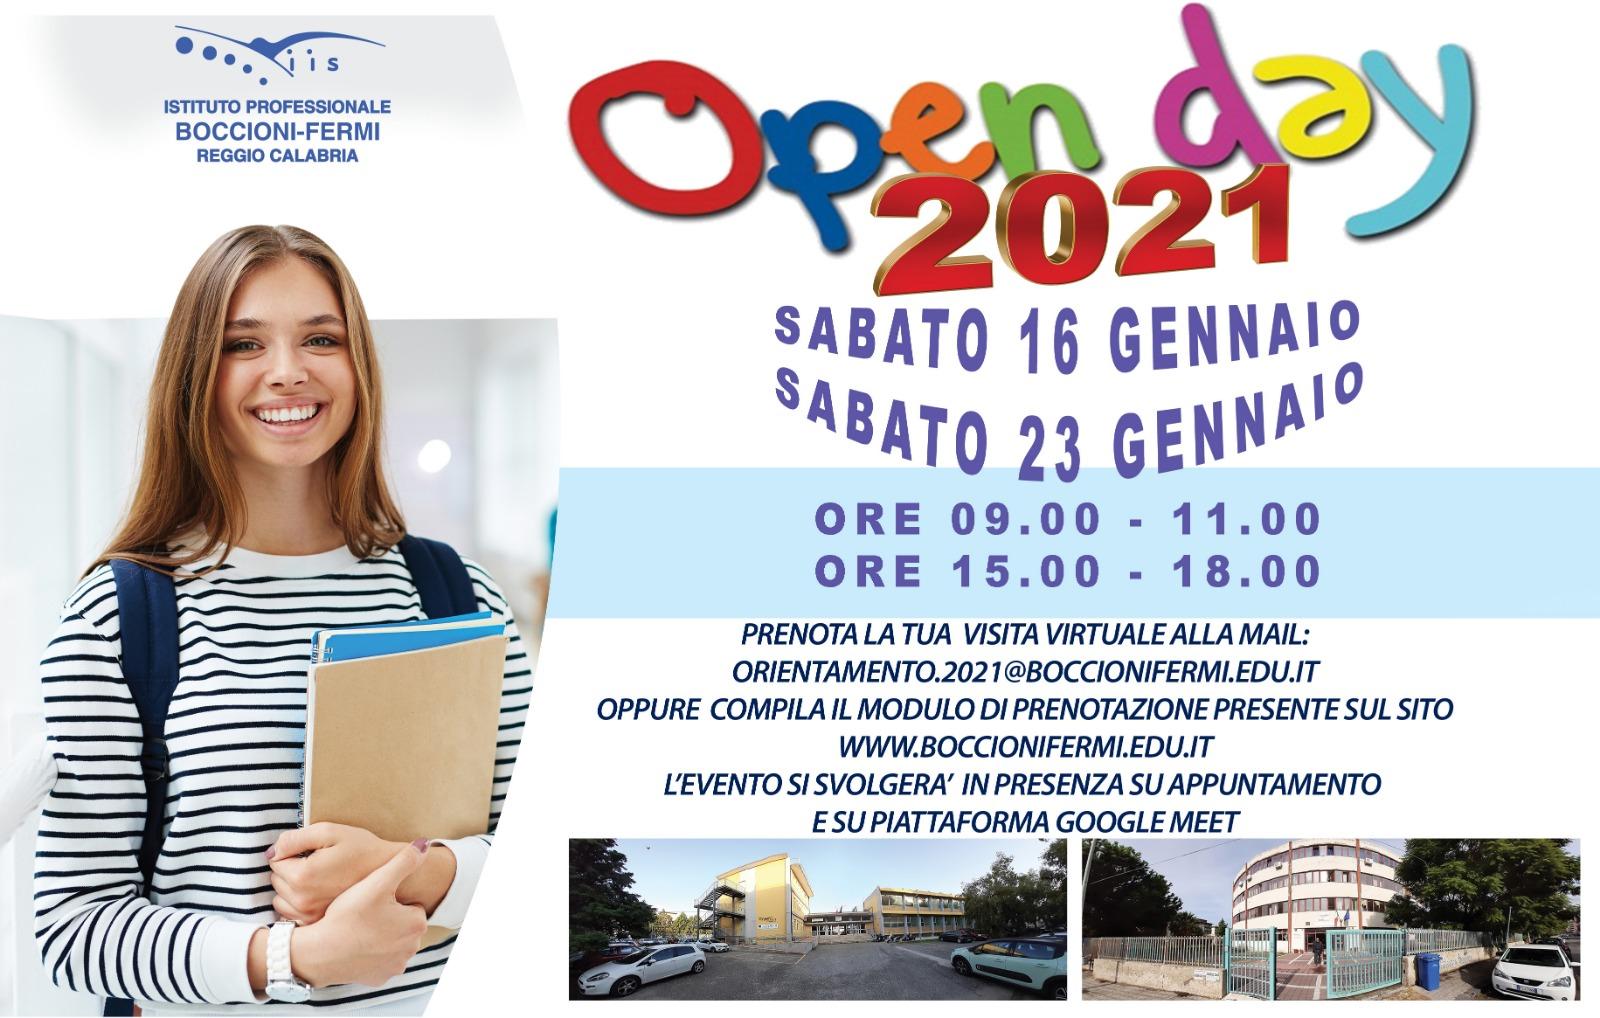 Open day virtuale per il Boccioni – Fermi di Reggio Calabria